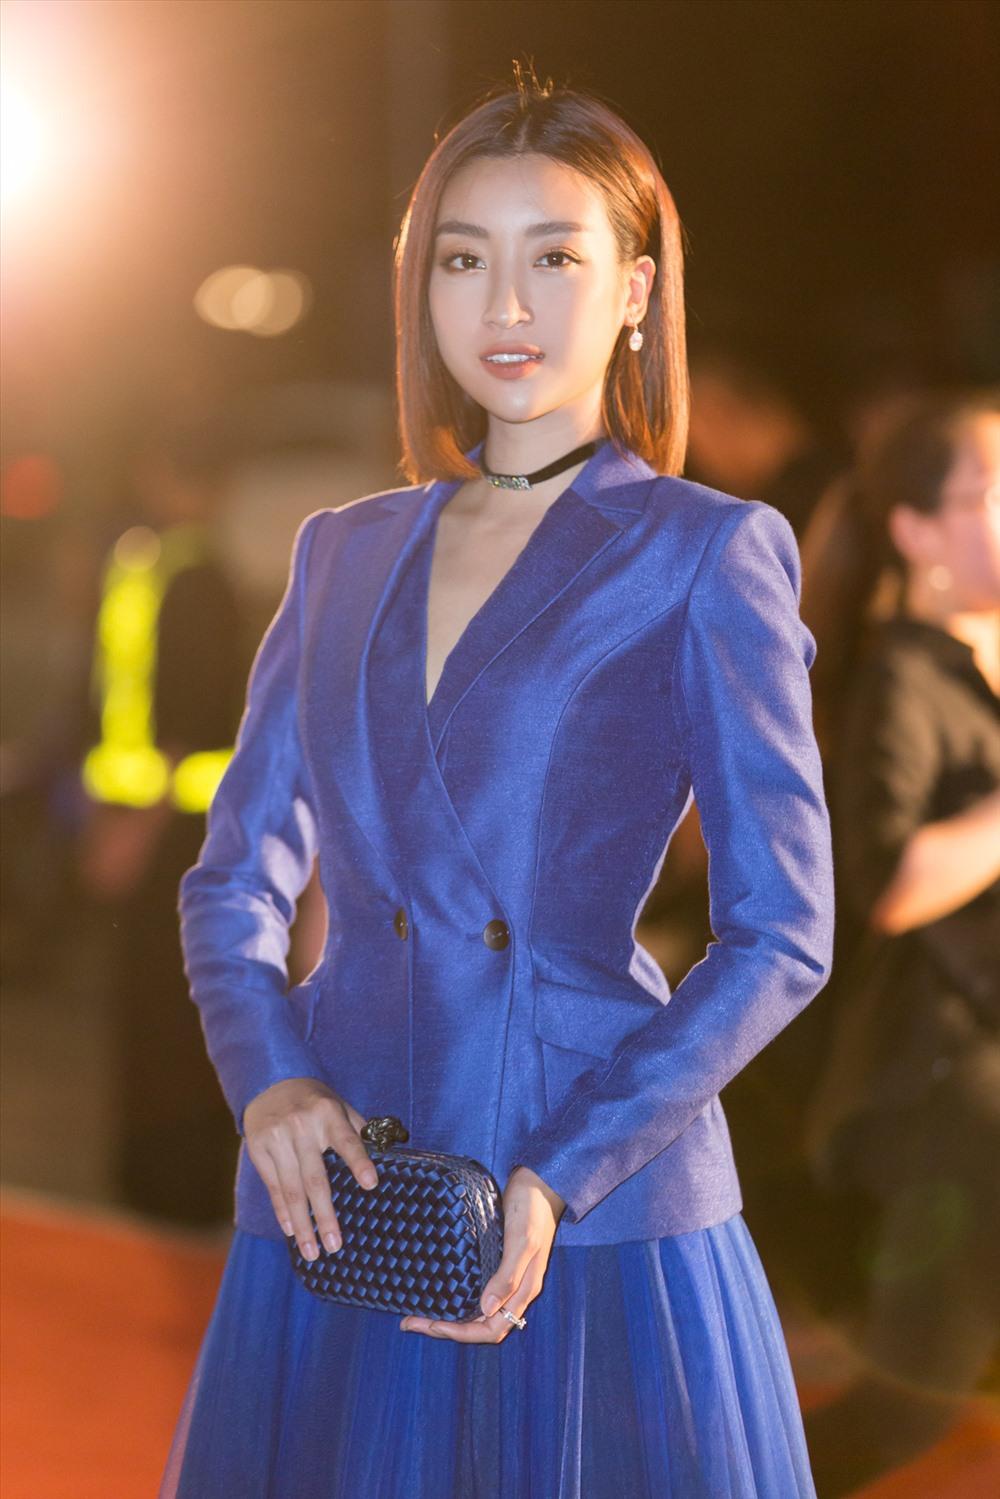 Hoa hậu Đỗ Mỹ Linh quyền lực và đầy cuốn hút khi lựa chọn khoác lên mình chiếc đầm màu xanh sang trọng, phá cách kết hợp với vest cùng màu. Ảnh: MWVN.